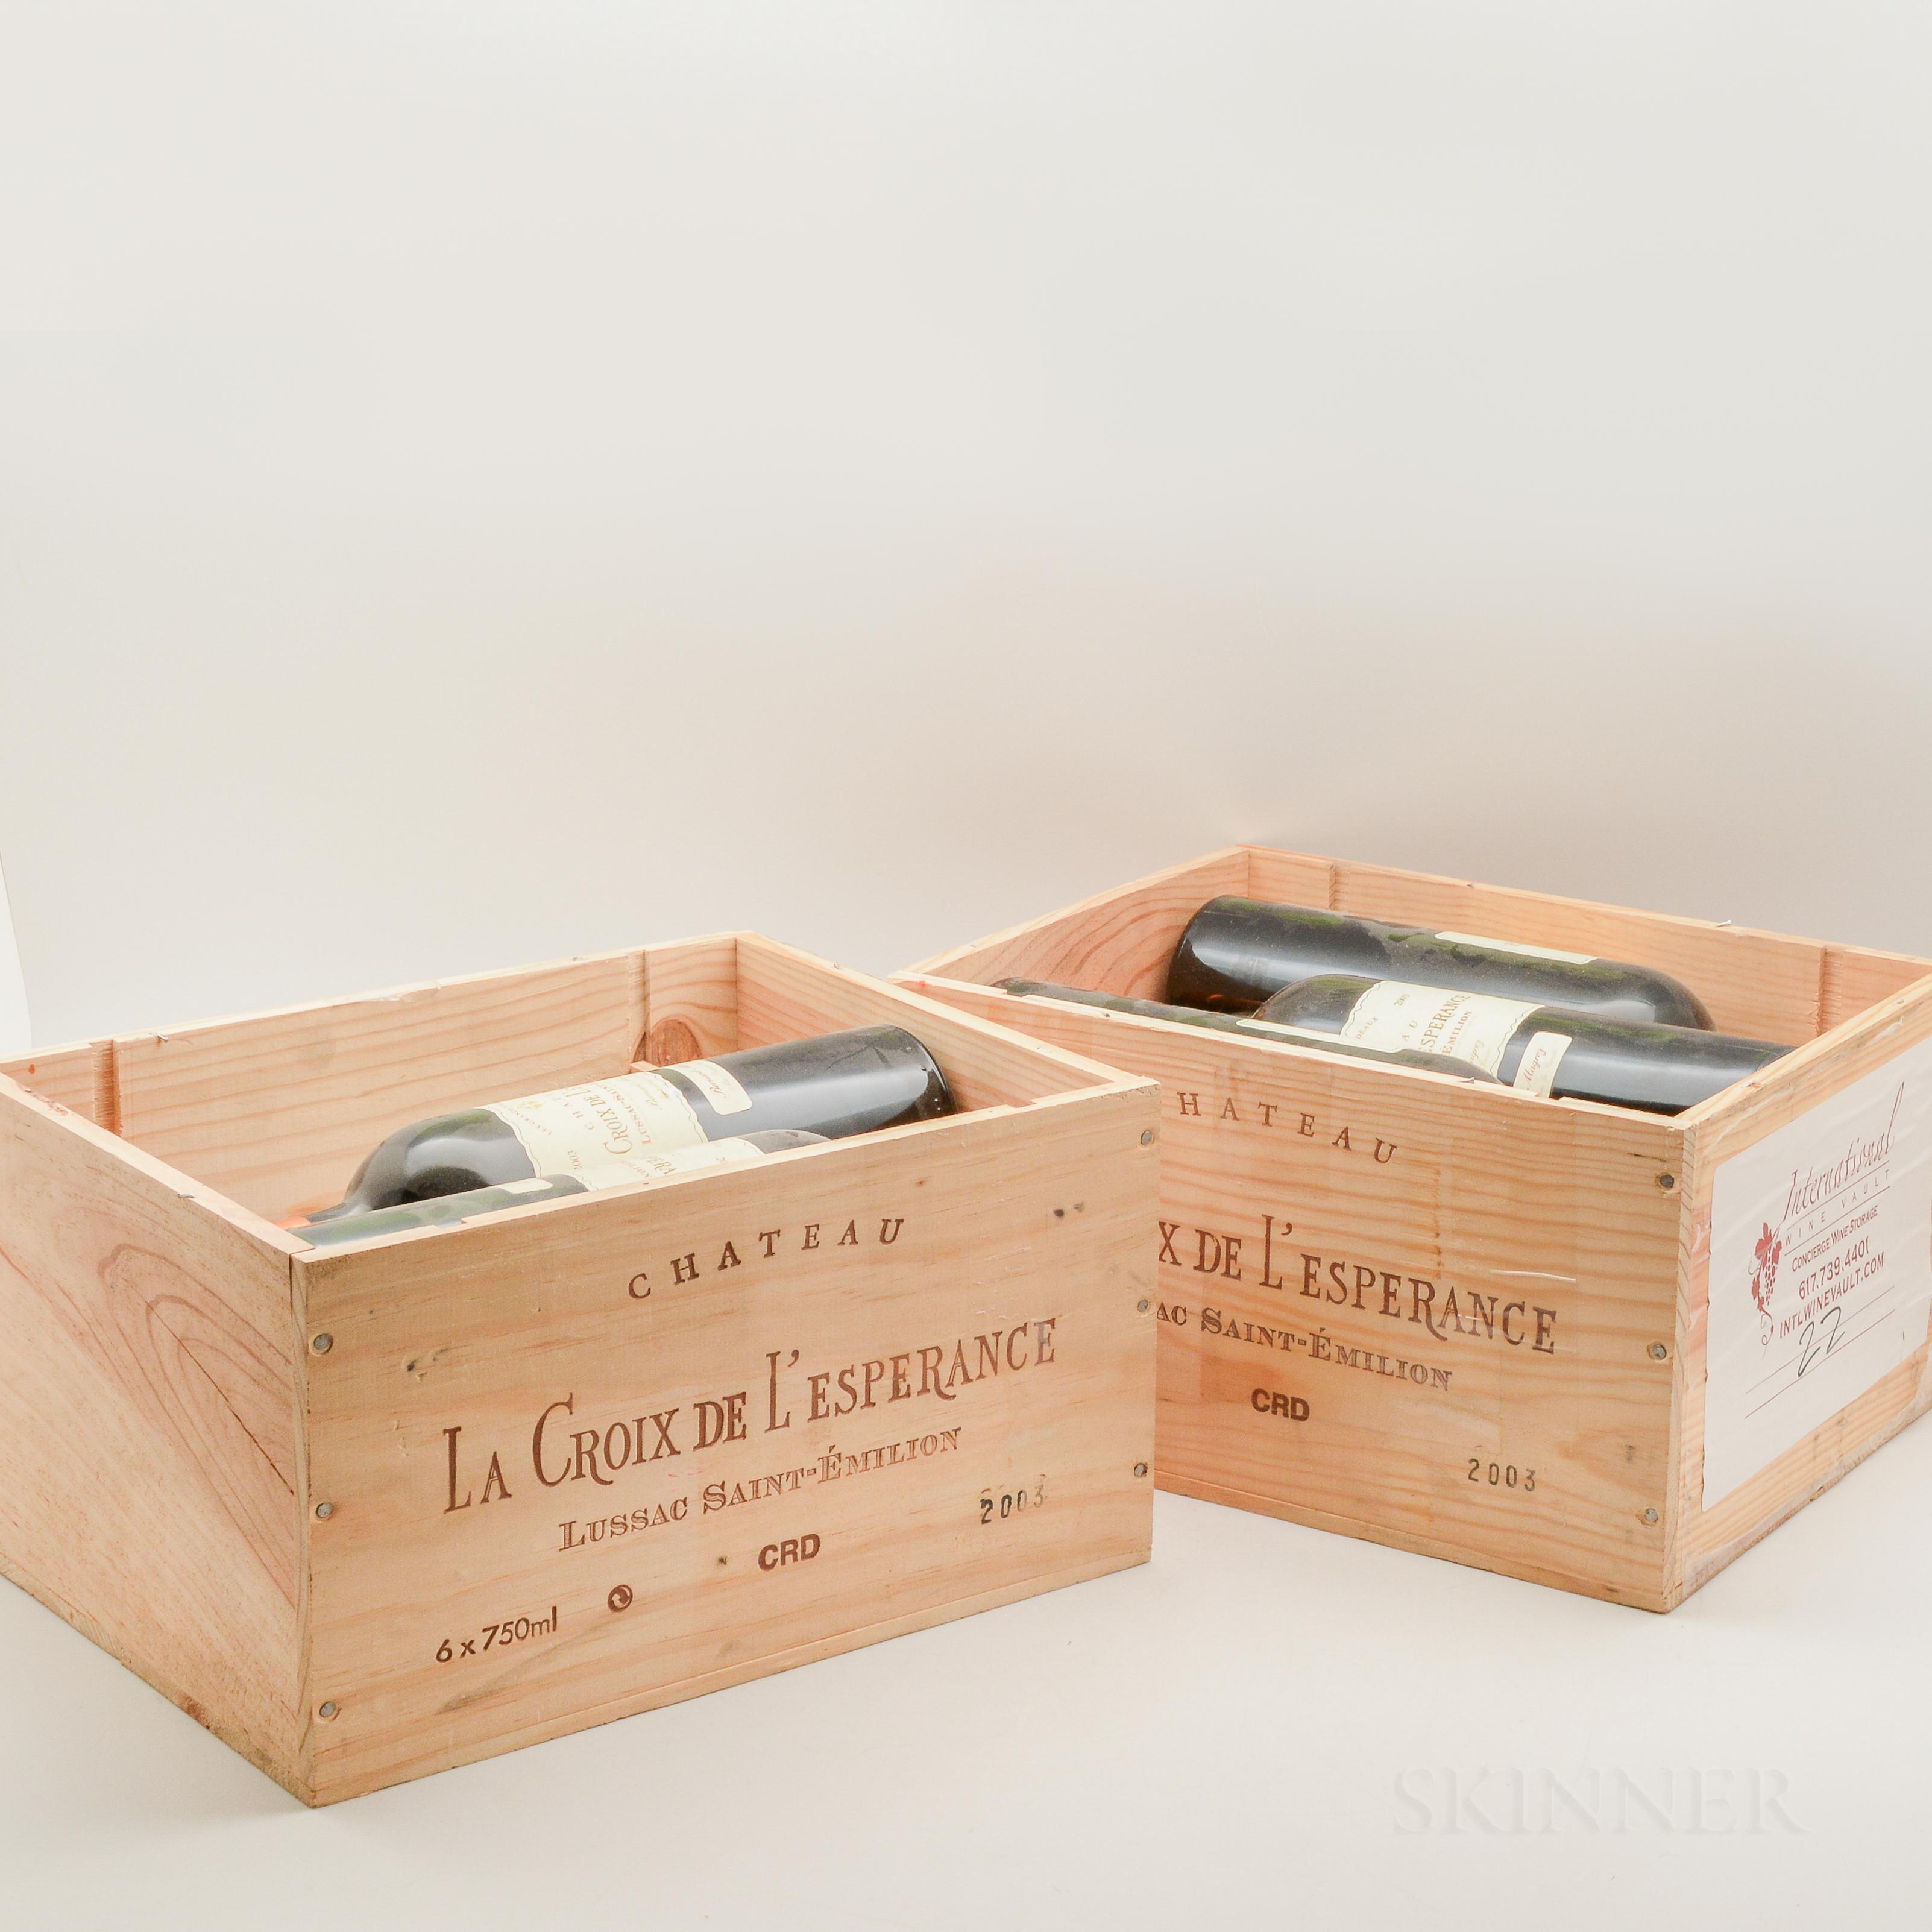 Chateau La Croix de LEsperance 2003, 11 bottles (2 x owc without lids)